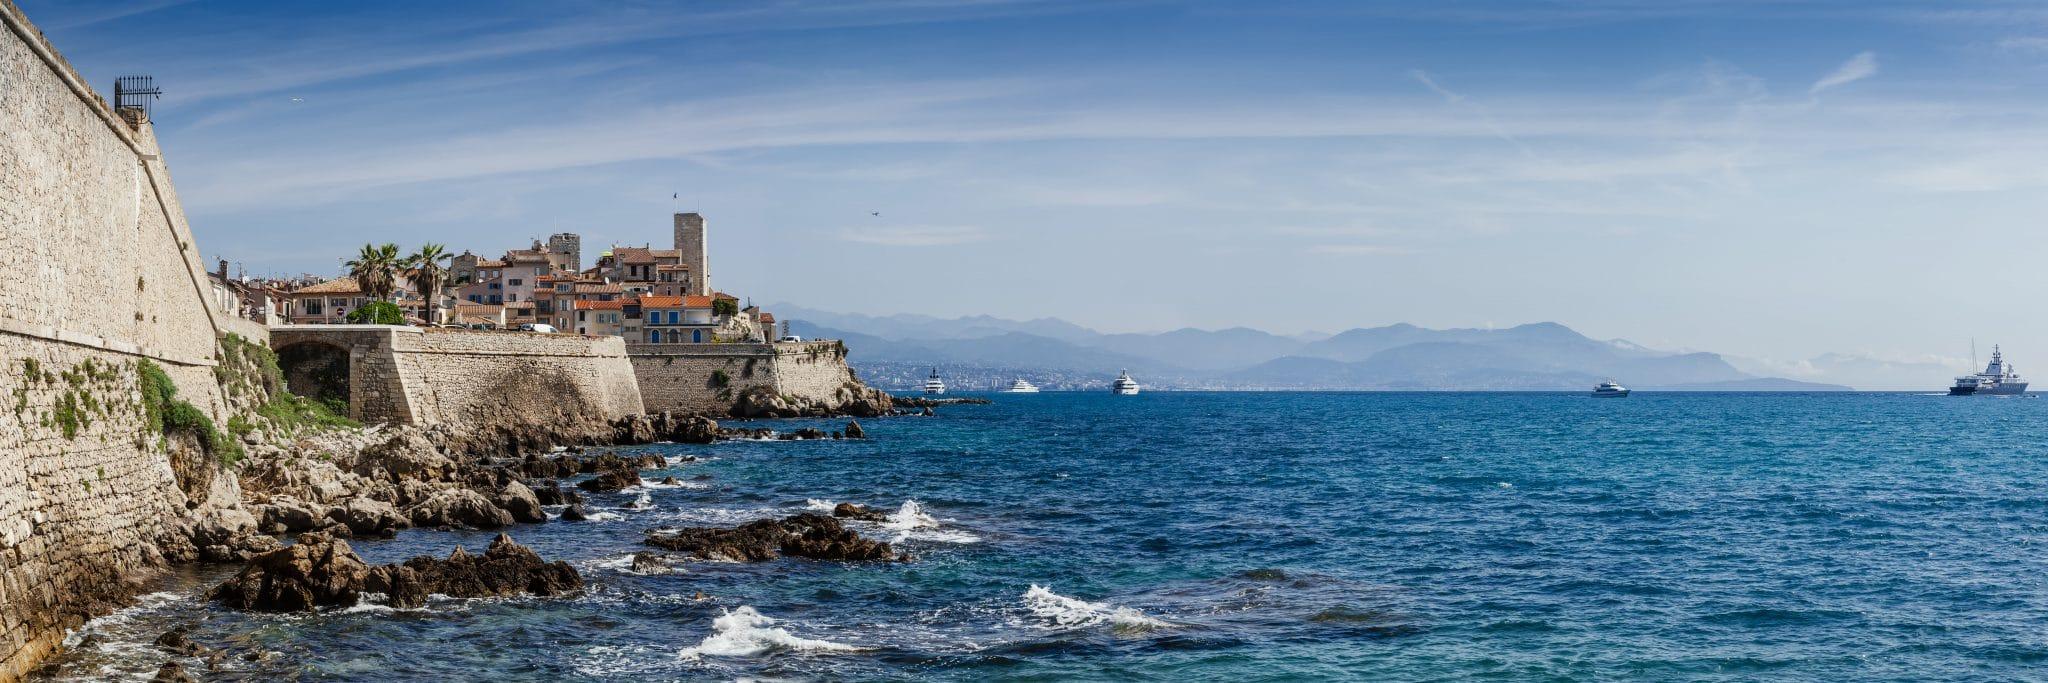 illiCO travaux Cagnes sur Mer – Antibes